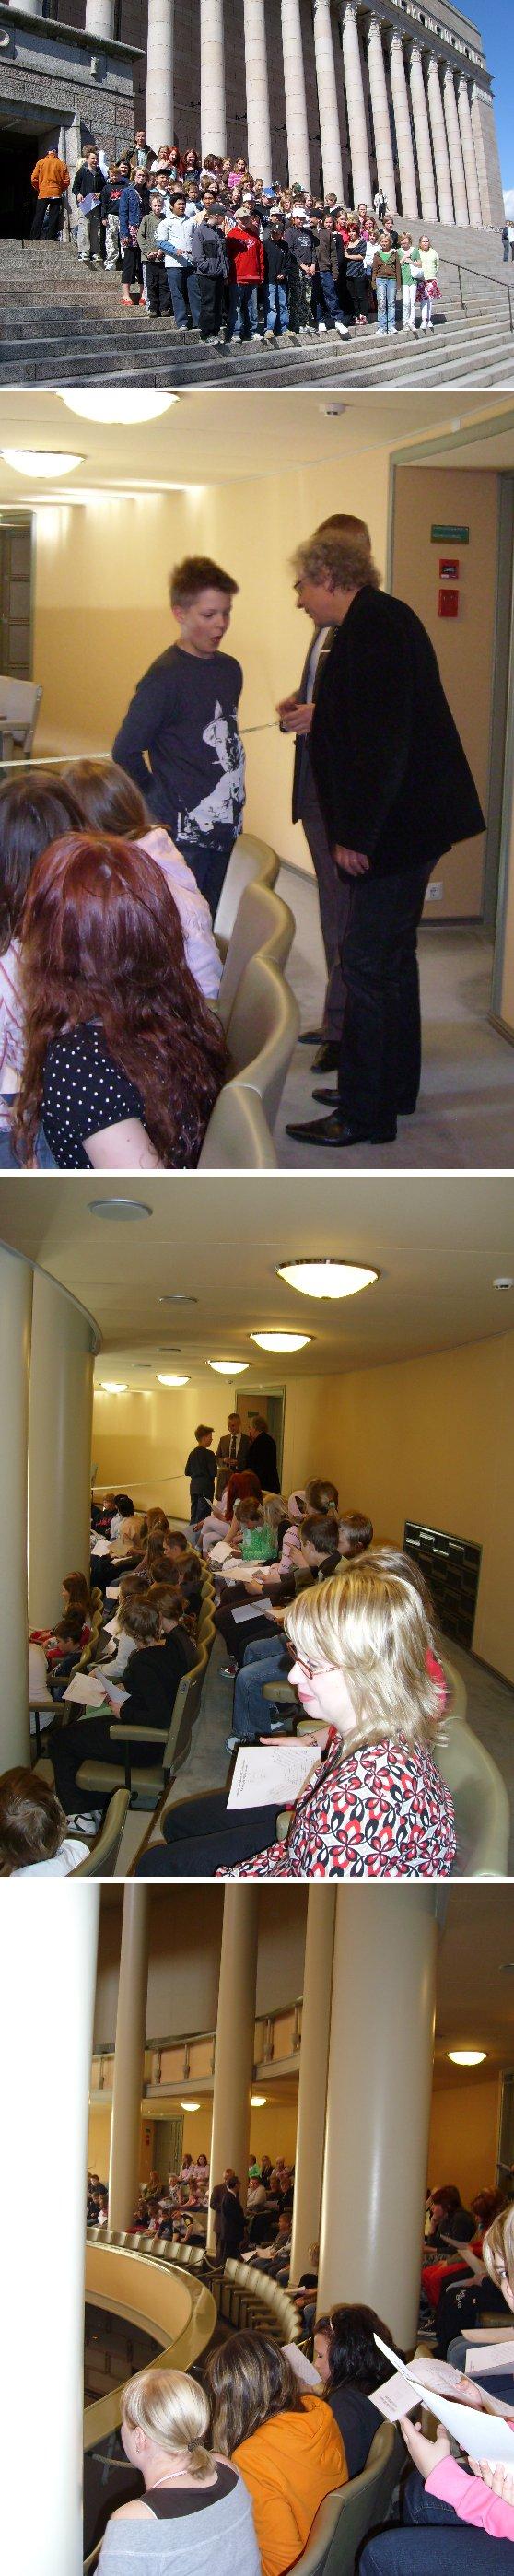 Lopen kunnan Kirkonkylän koulun viitoset ja kuutoset vierailivat eduskunnassa keskiviikkona. Entinen kouluni ja vanhoja tuttuja oppilaita - haikea hetki.